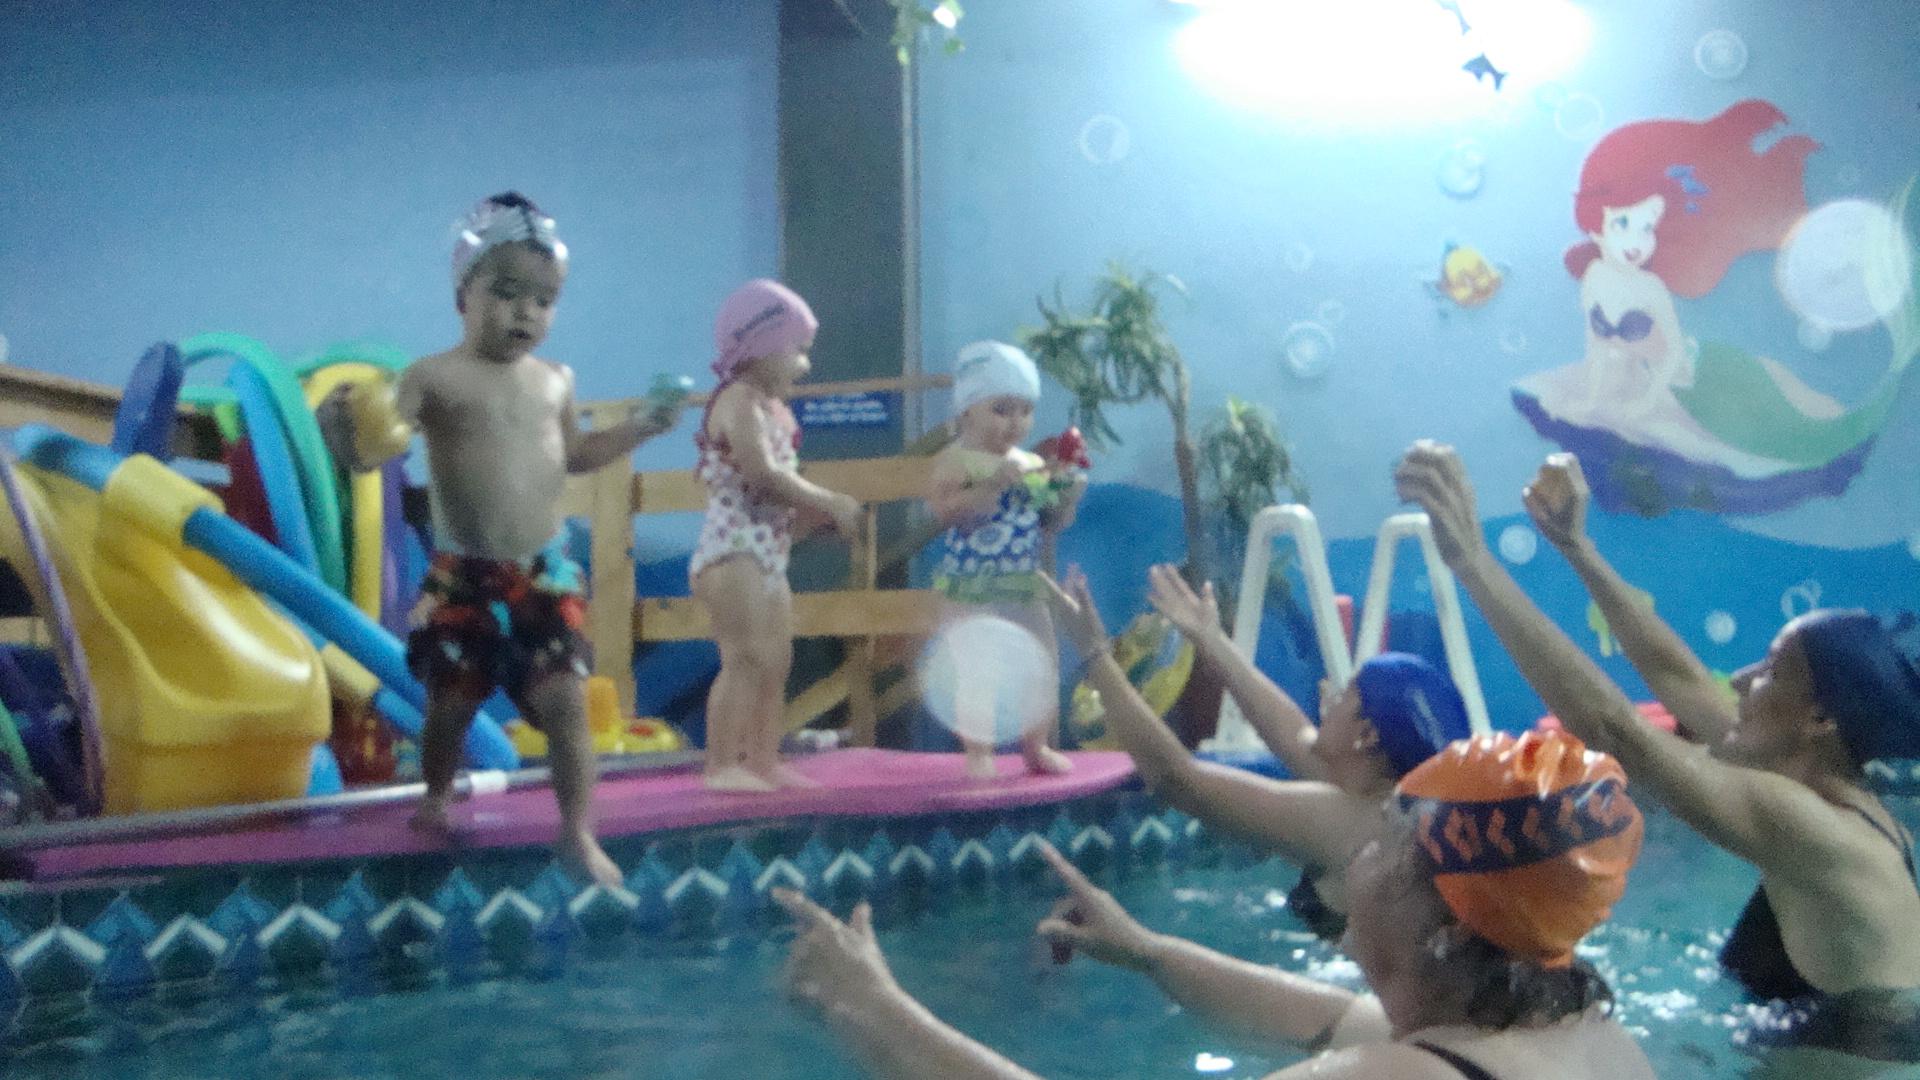 Con su salud costa rica piscina little fish for Clases de piscina para ninos